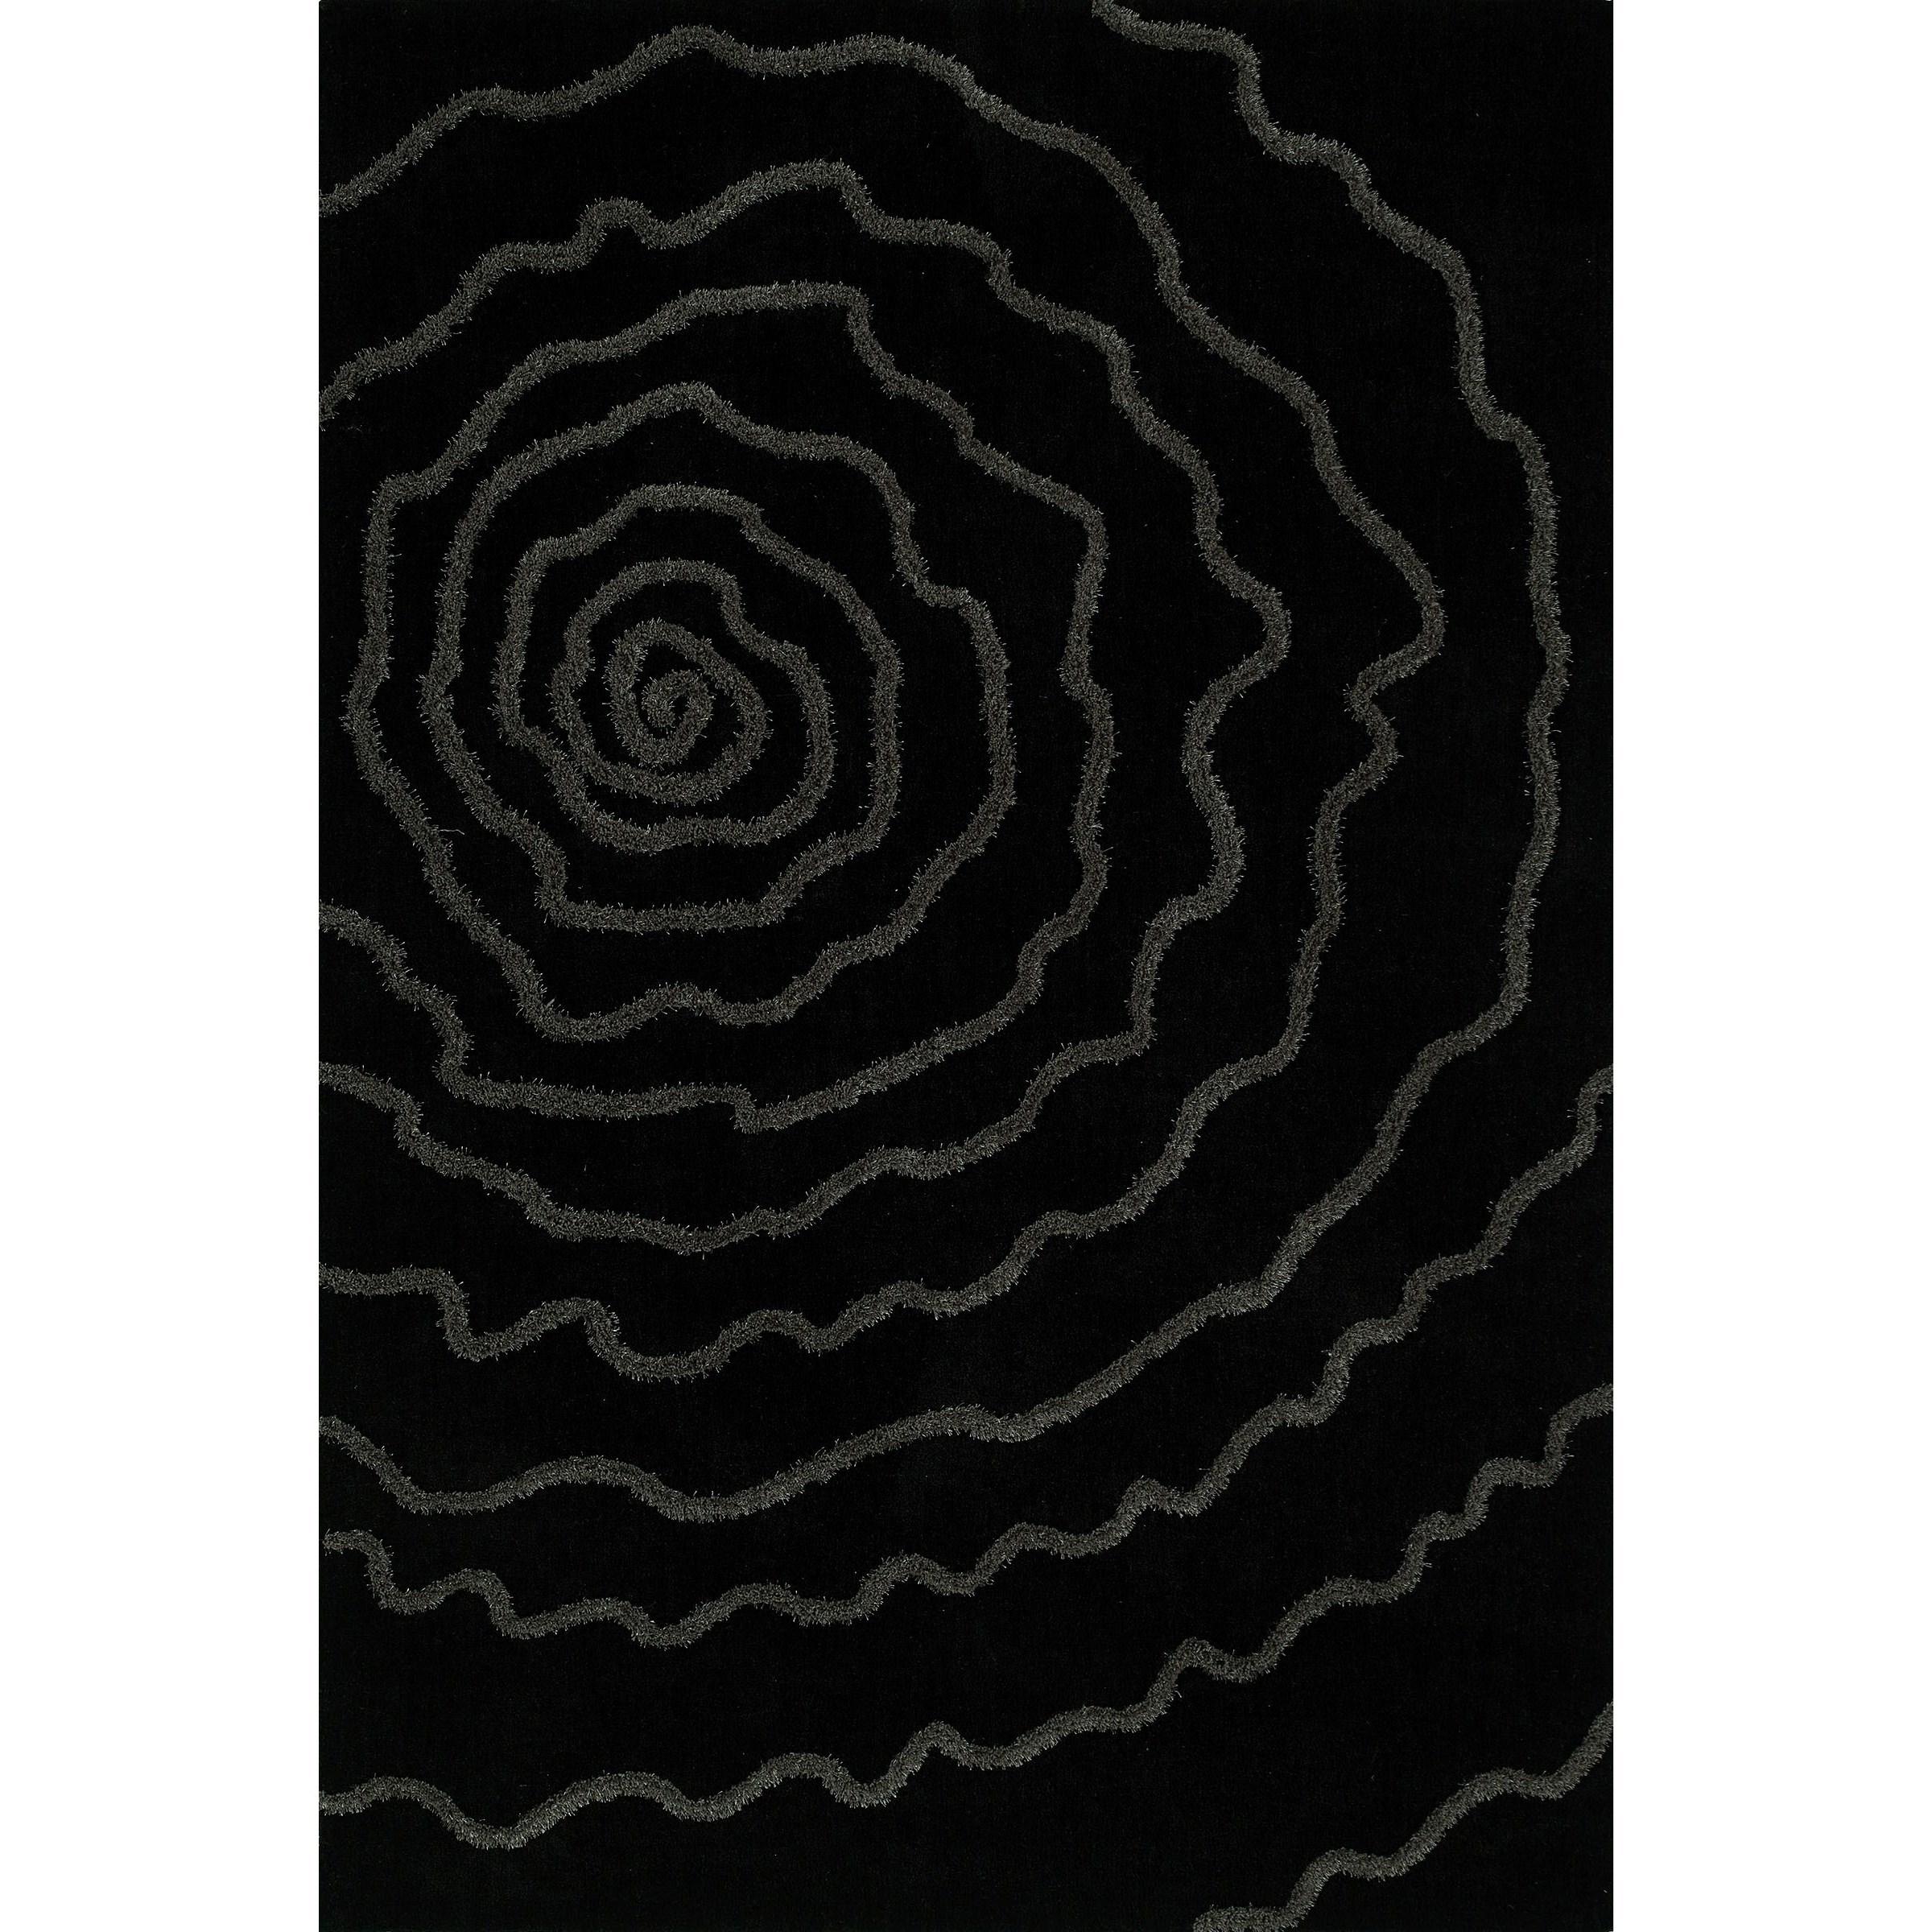 Black 8'X10' Area Rug